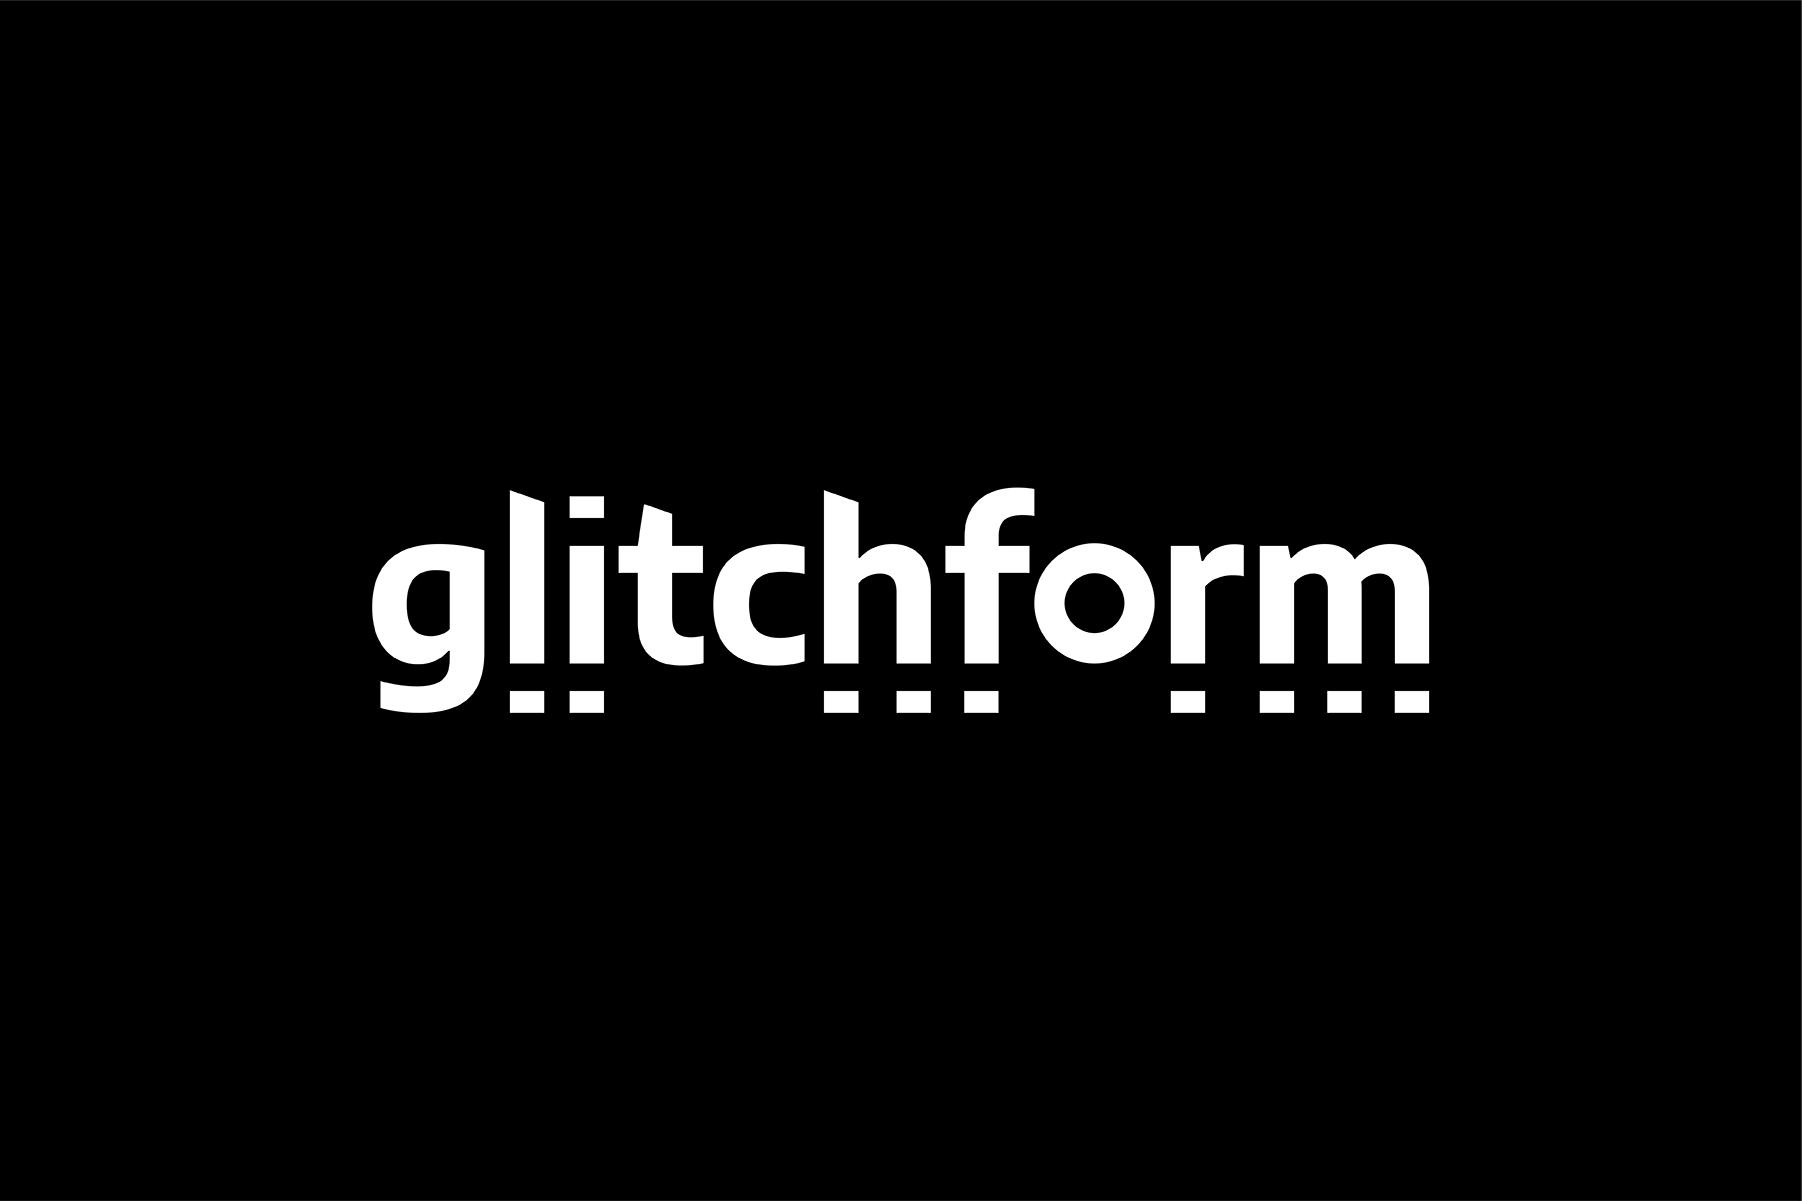 Glitchorm_Logo-Design.jpg